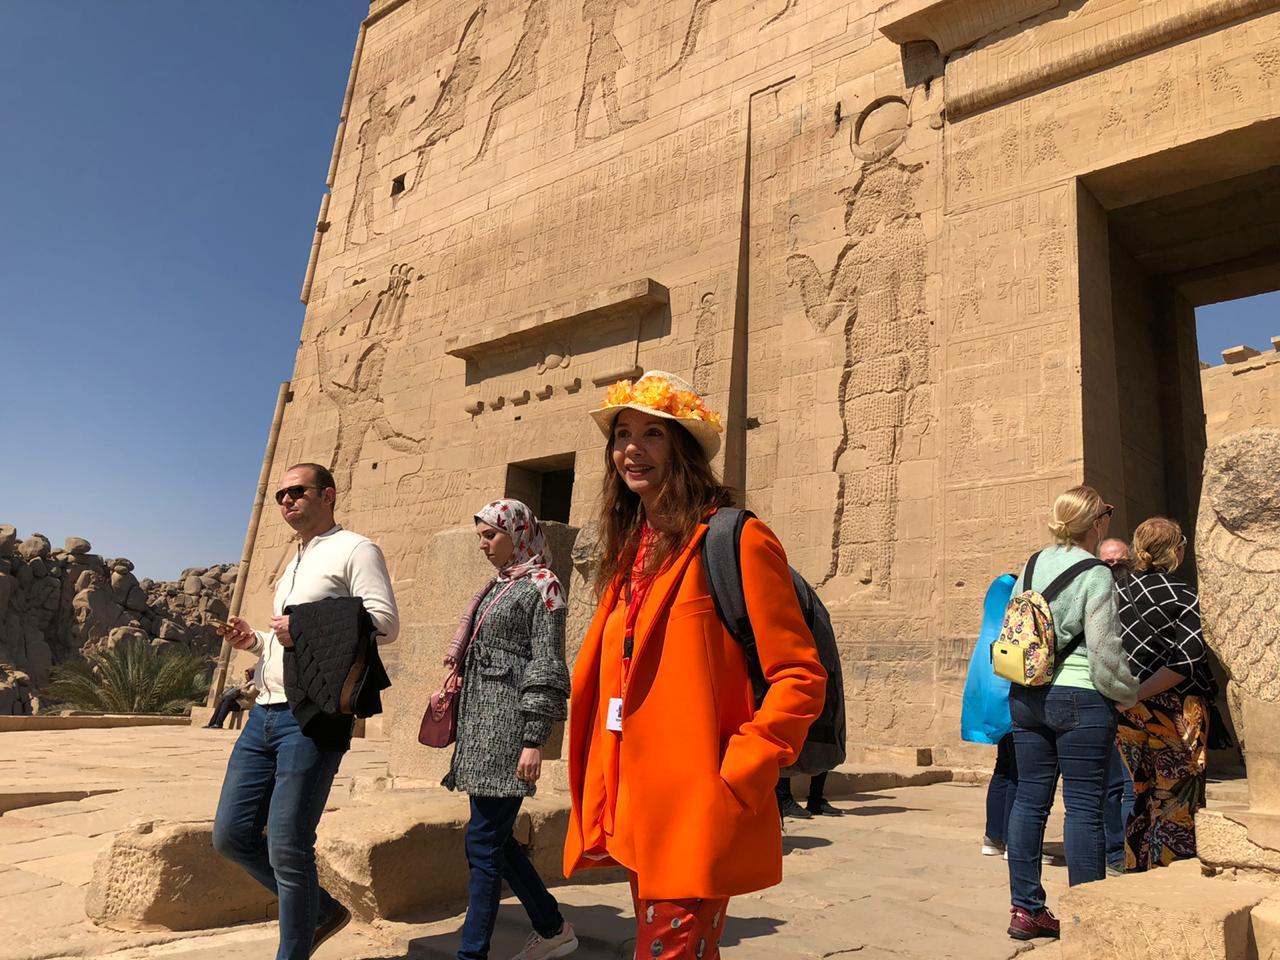 الممثلة والمغنية الإسبانية الشهيرة فيكتوريا أبريل بمعبد فيلة (8)